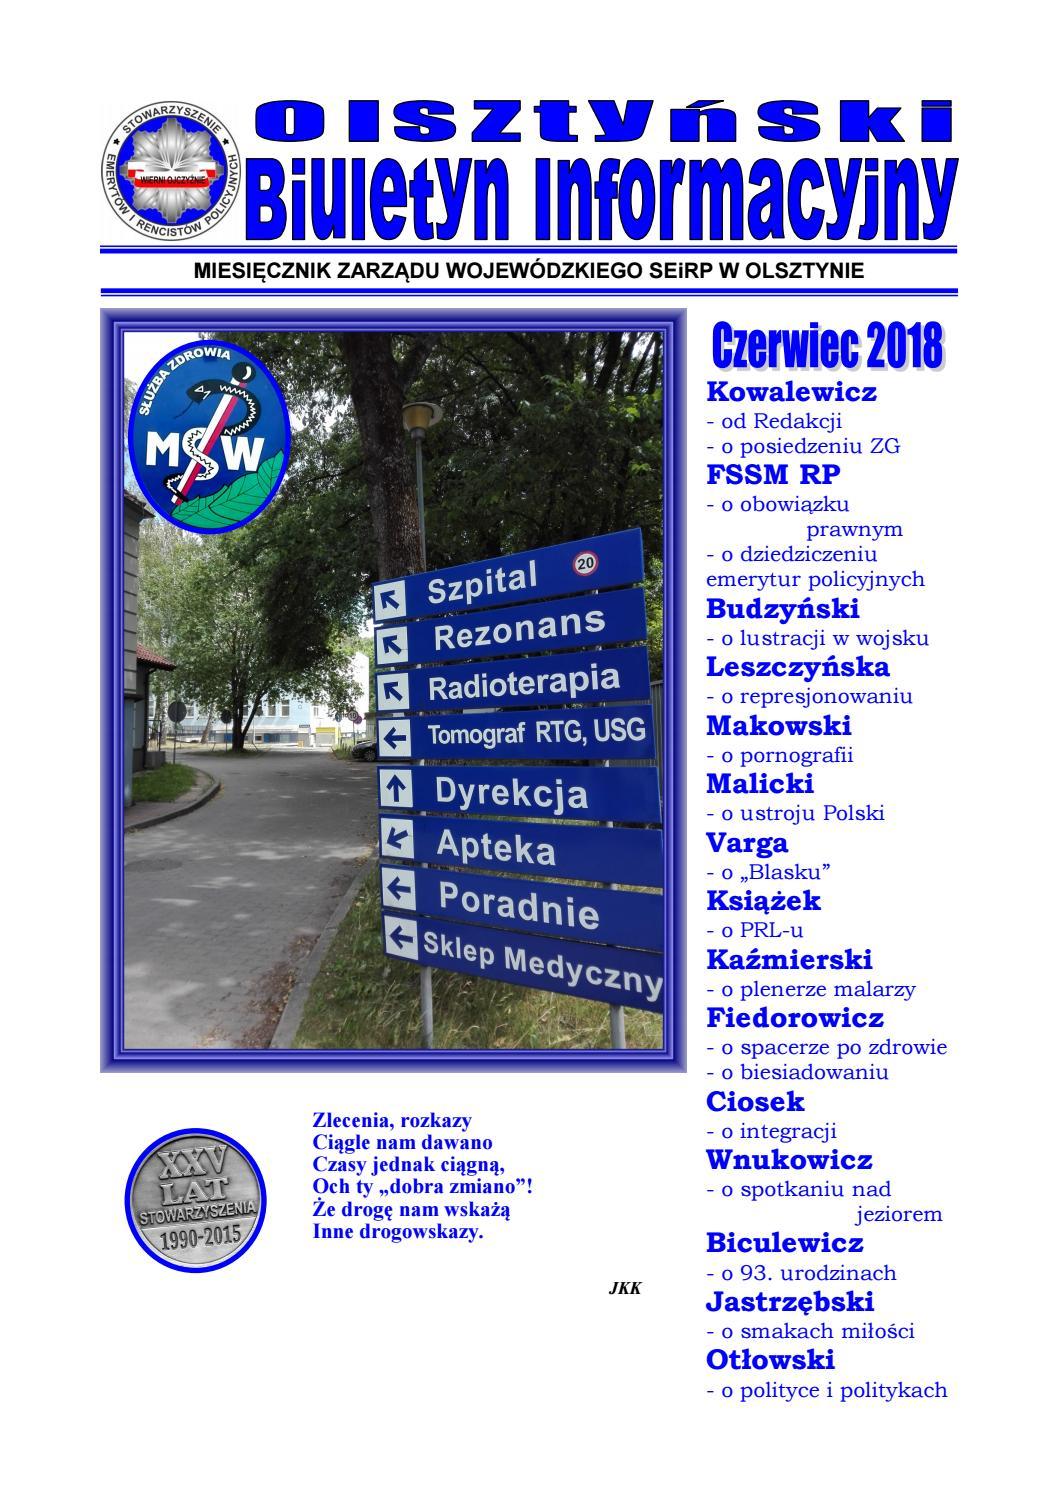 Obi098 By Olsztyński Biuletyn Informacyjny Zw Seirp Olsztyn